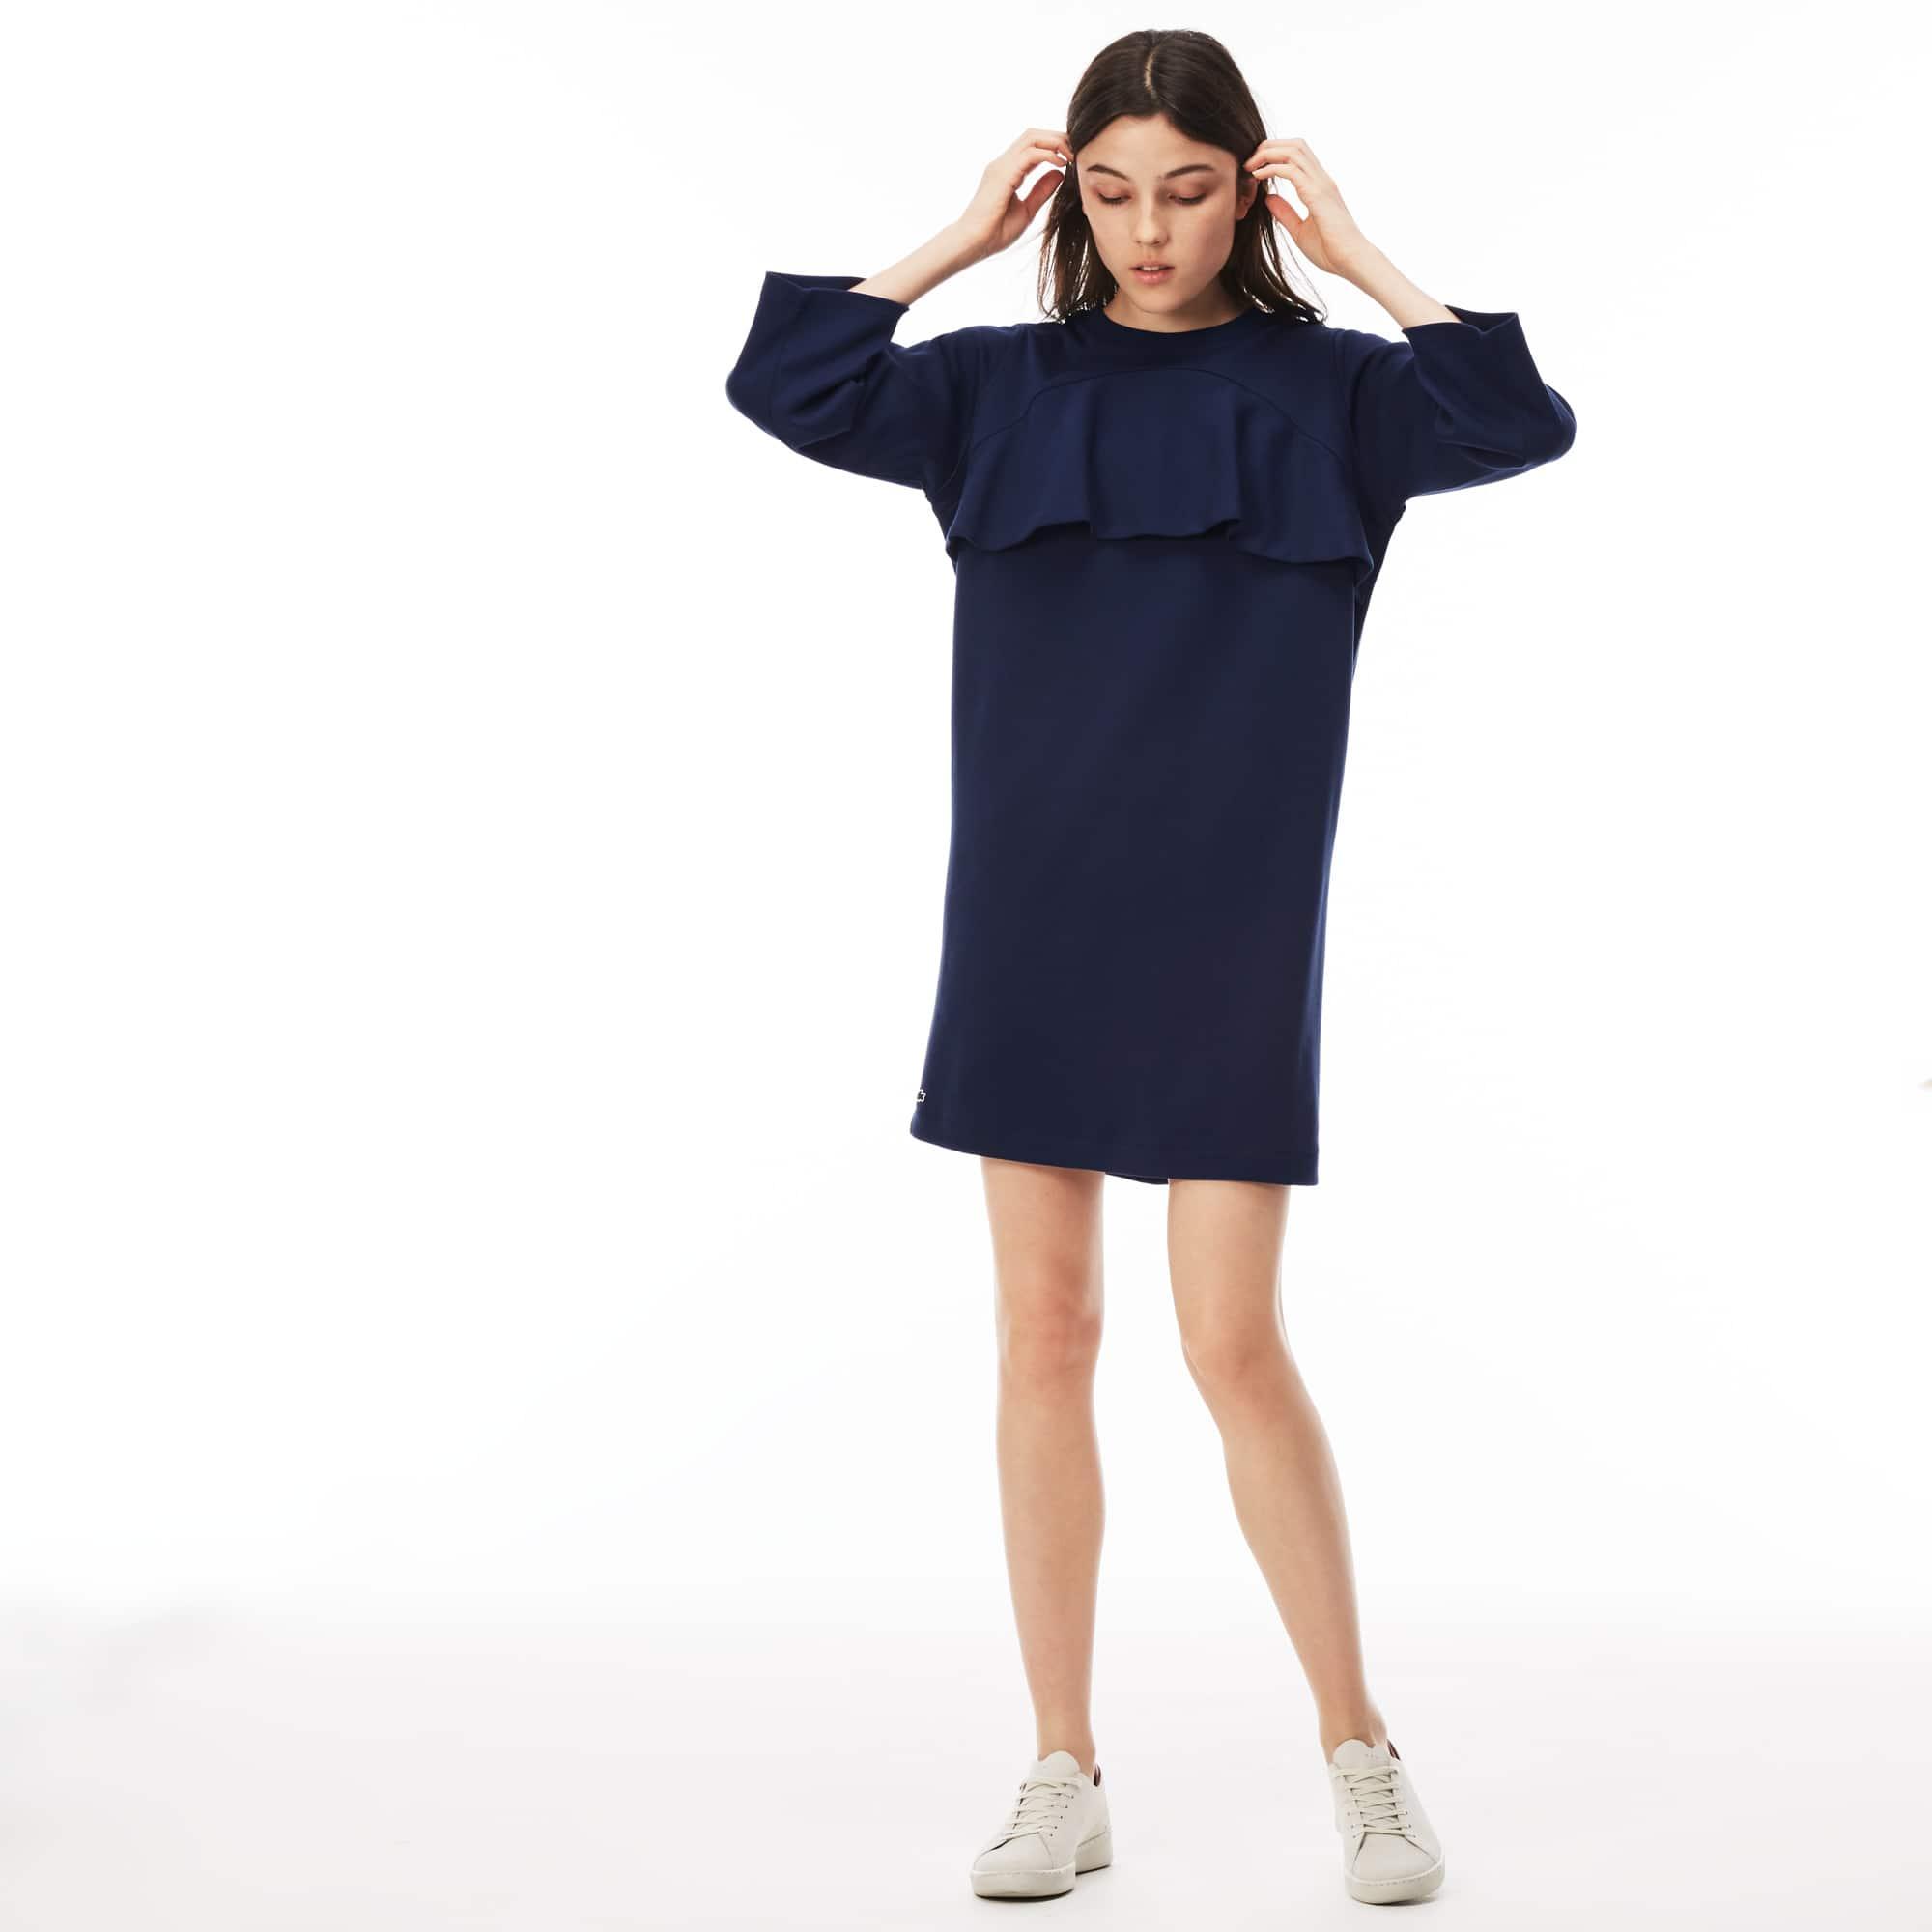 Women's Lacoste LIVE Flounced Interlock Sweatshirt Dress